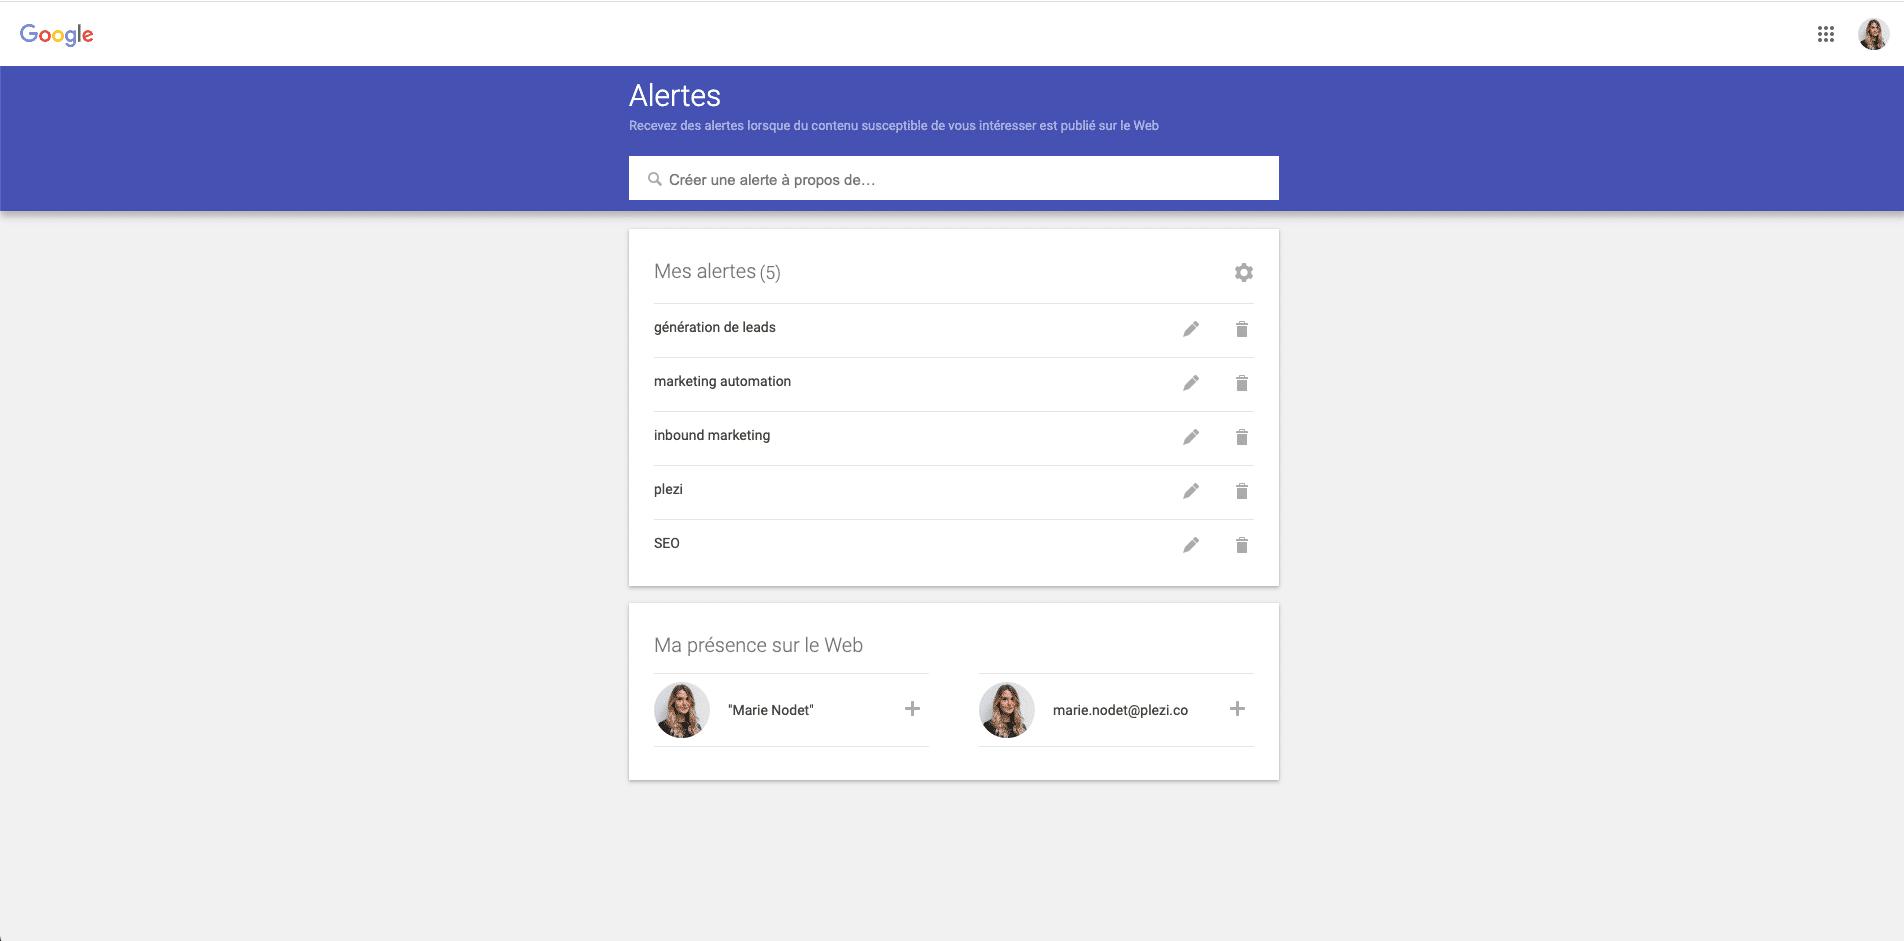 Capture d'écran des mots-clés pour la veille dans Google Alertes